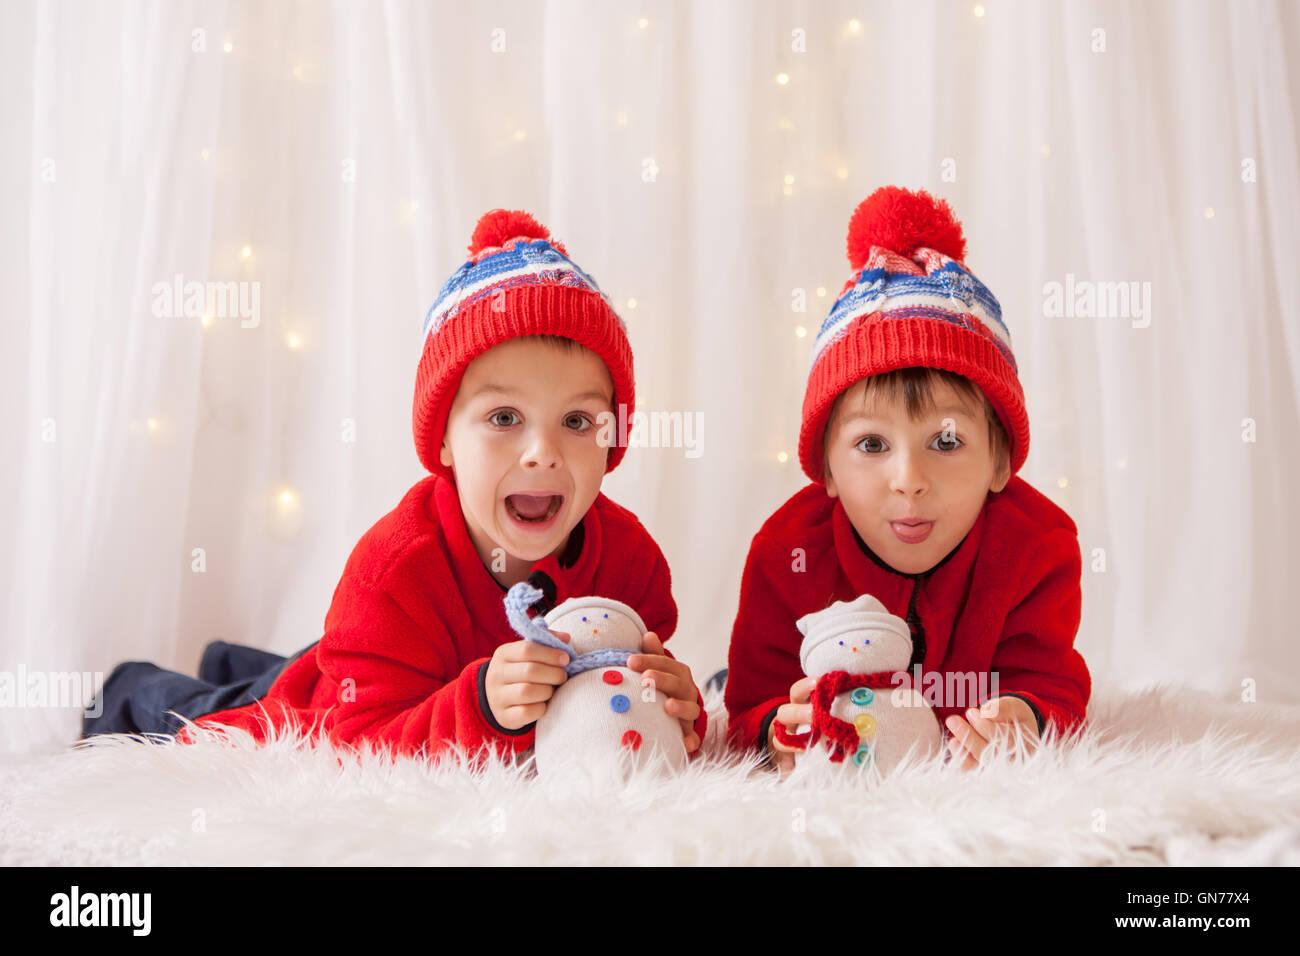 Les enfants, les garçons doux frère, jouant avec des bonhommes de neige à la maison, les lumières Photo Stock